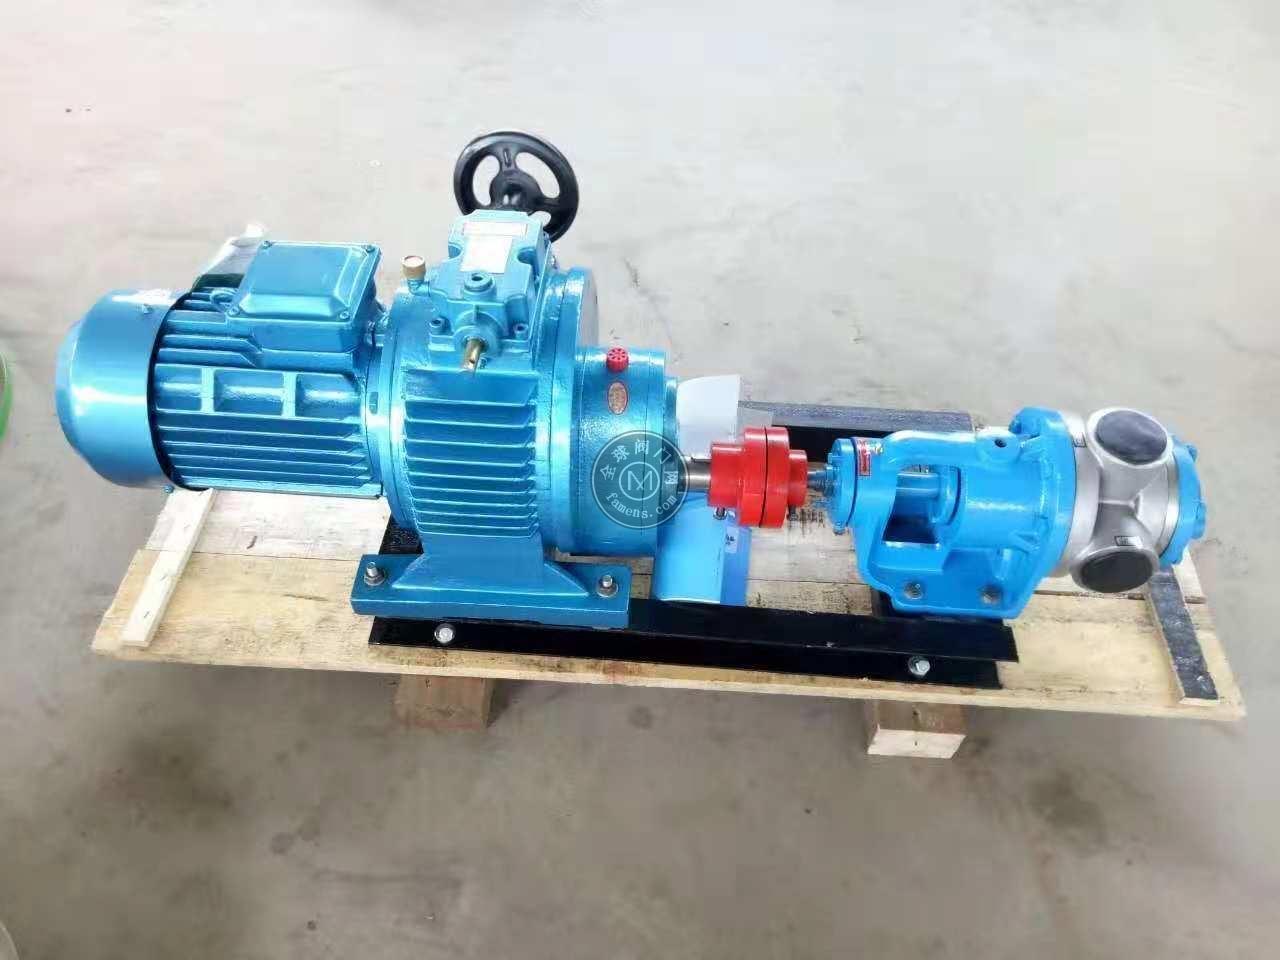 高粘度齒輪泵 內嚙合齒輪泵 高粘度不銹鋼齒輪泵